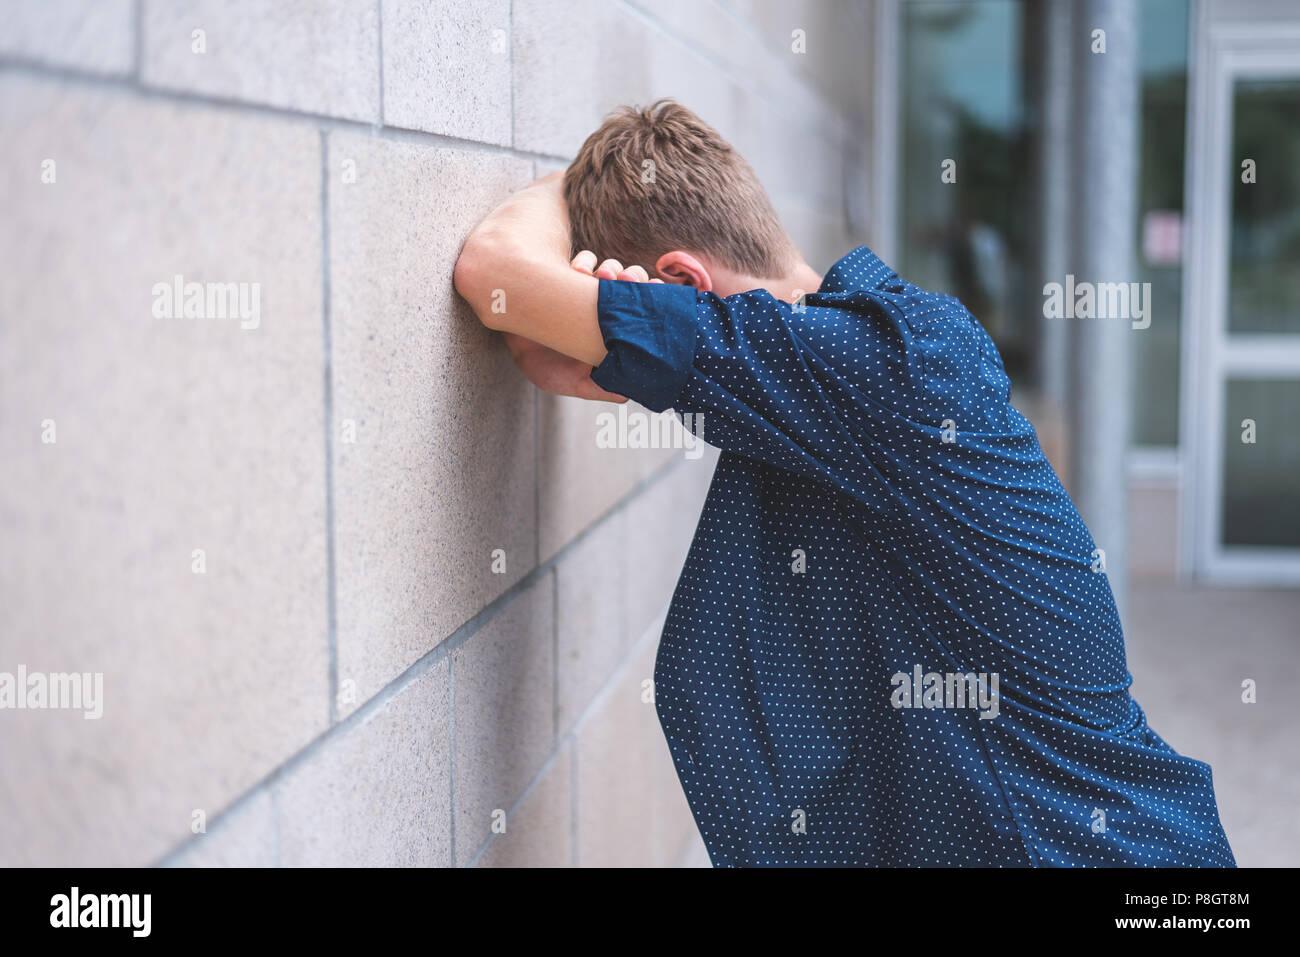 Teen gridando in bracci ripiegati contro un muro di mattoni. Immagini Stock